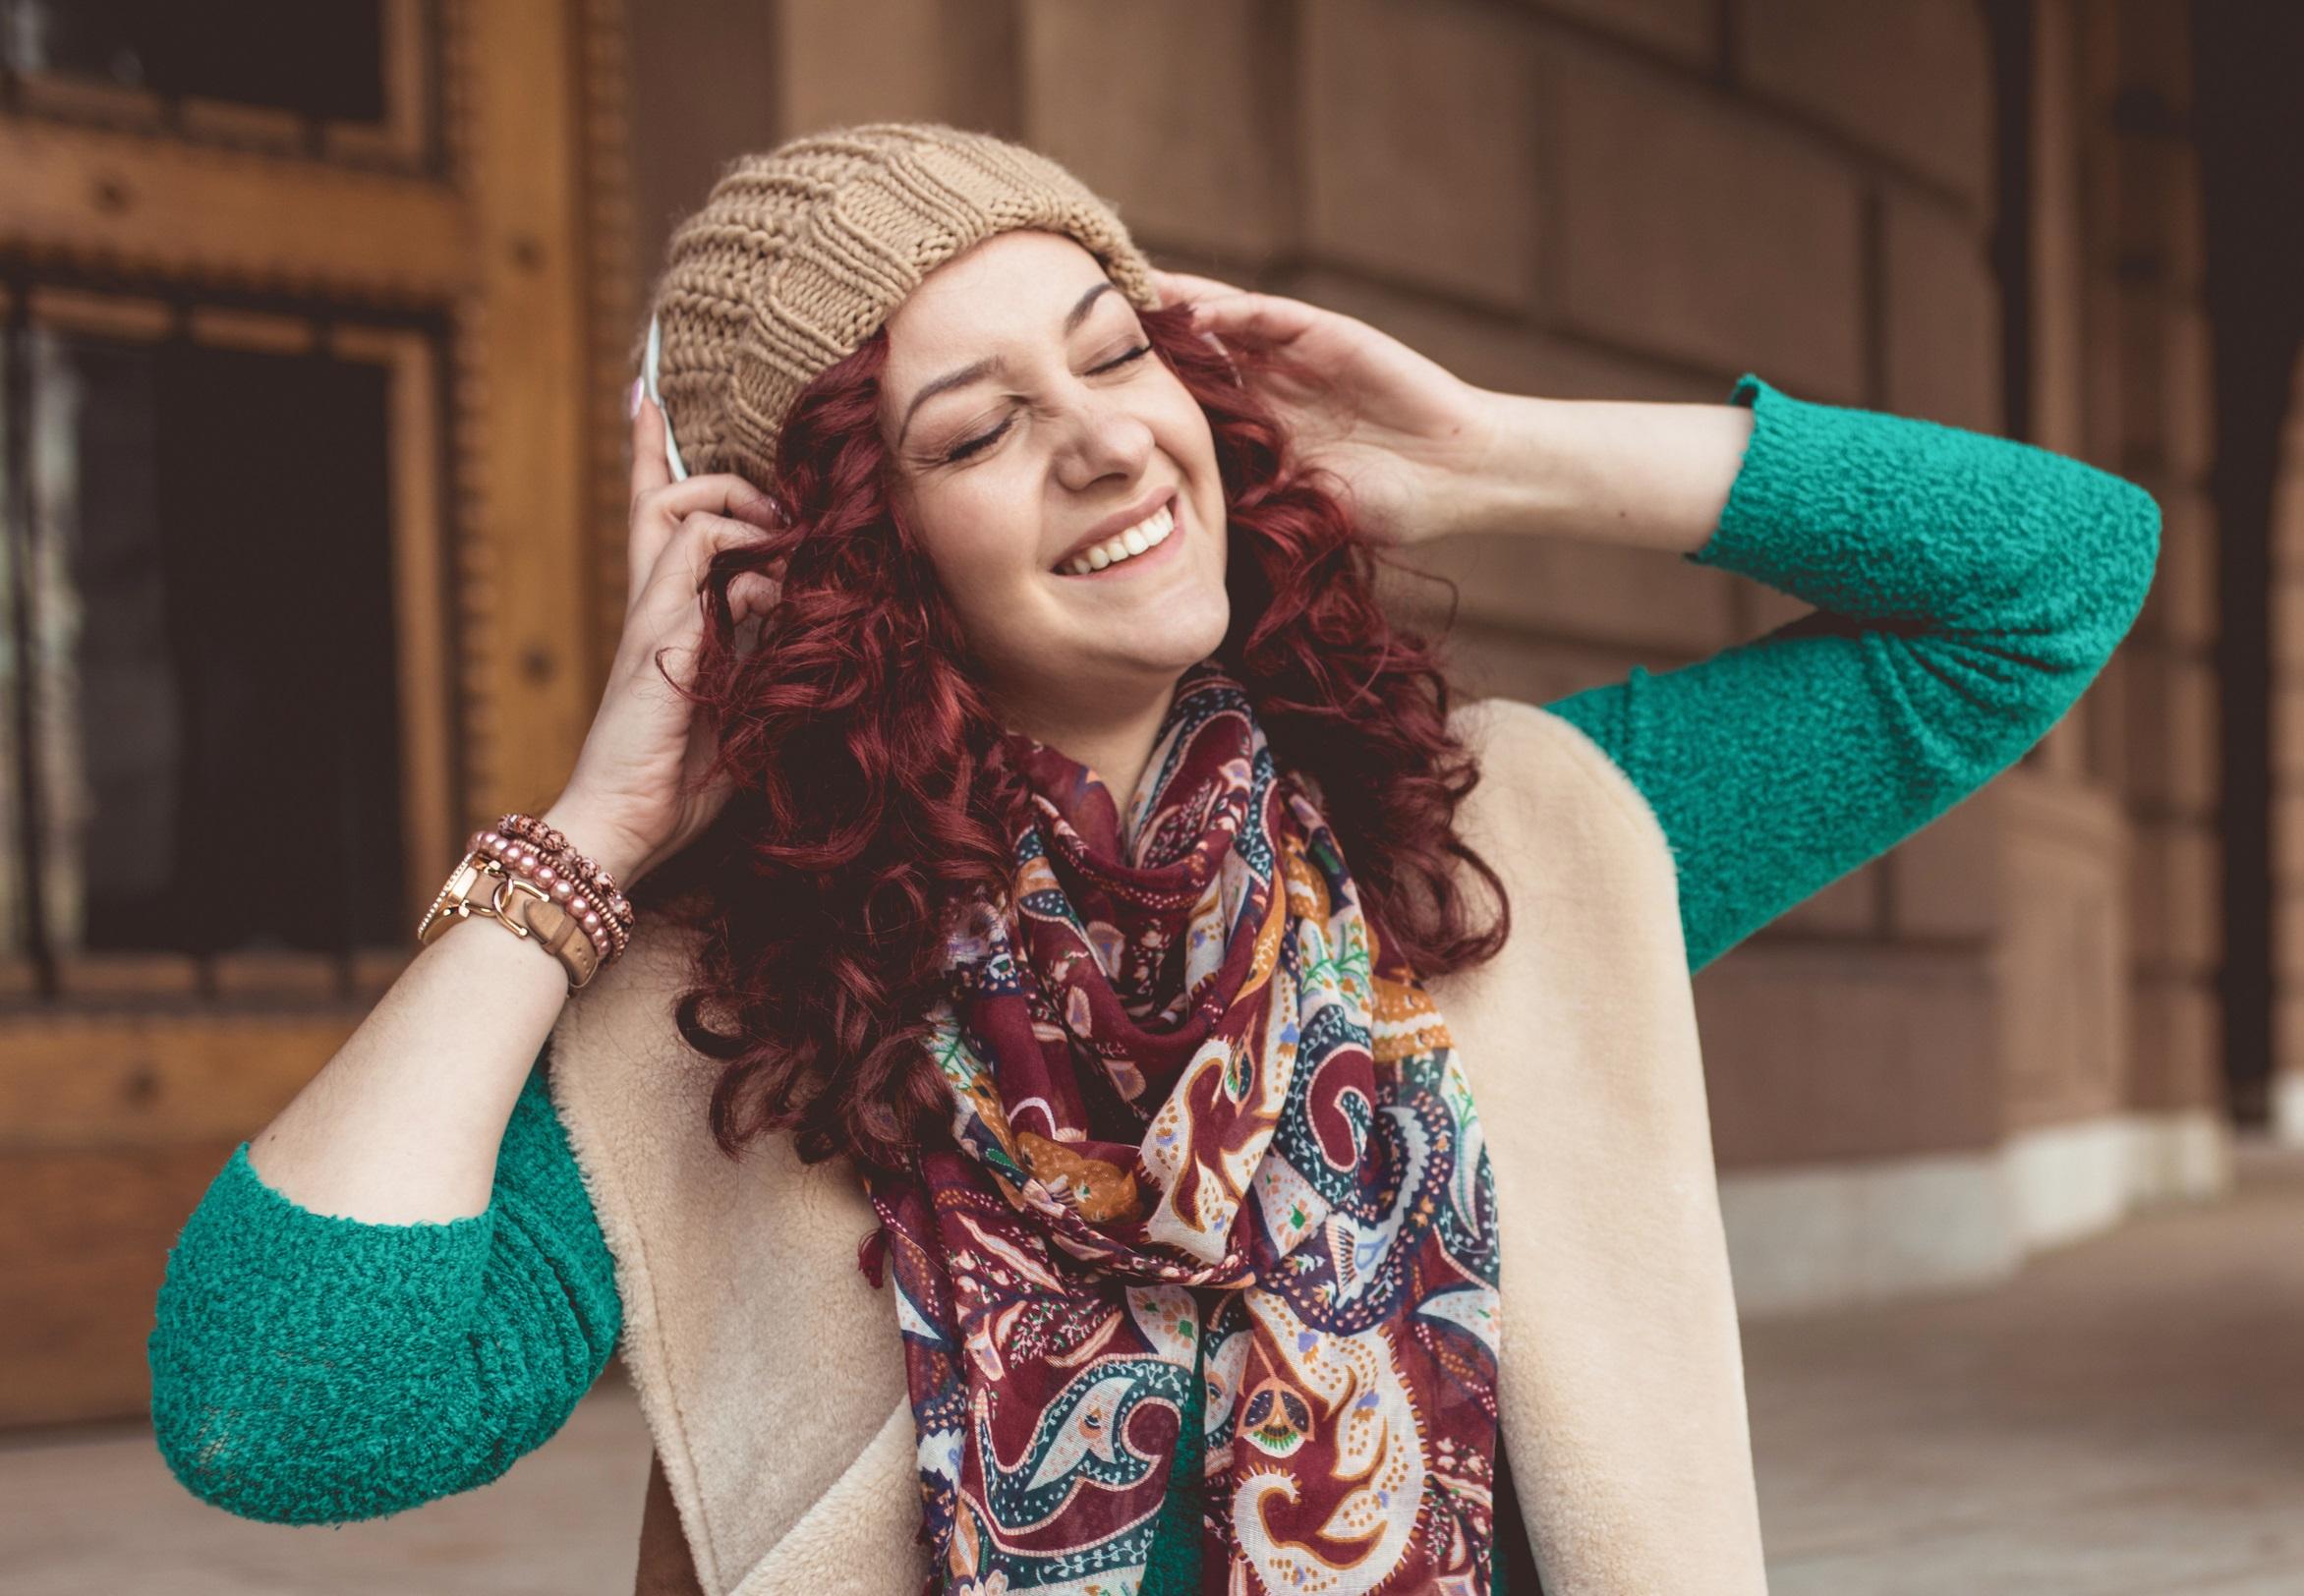 cabelo vermelho intenso cacheado